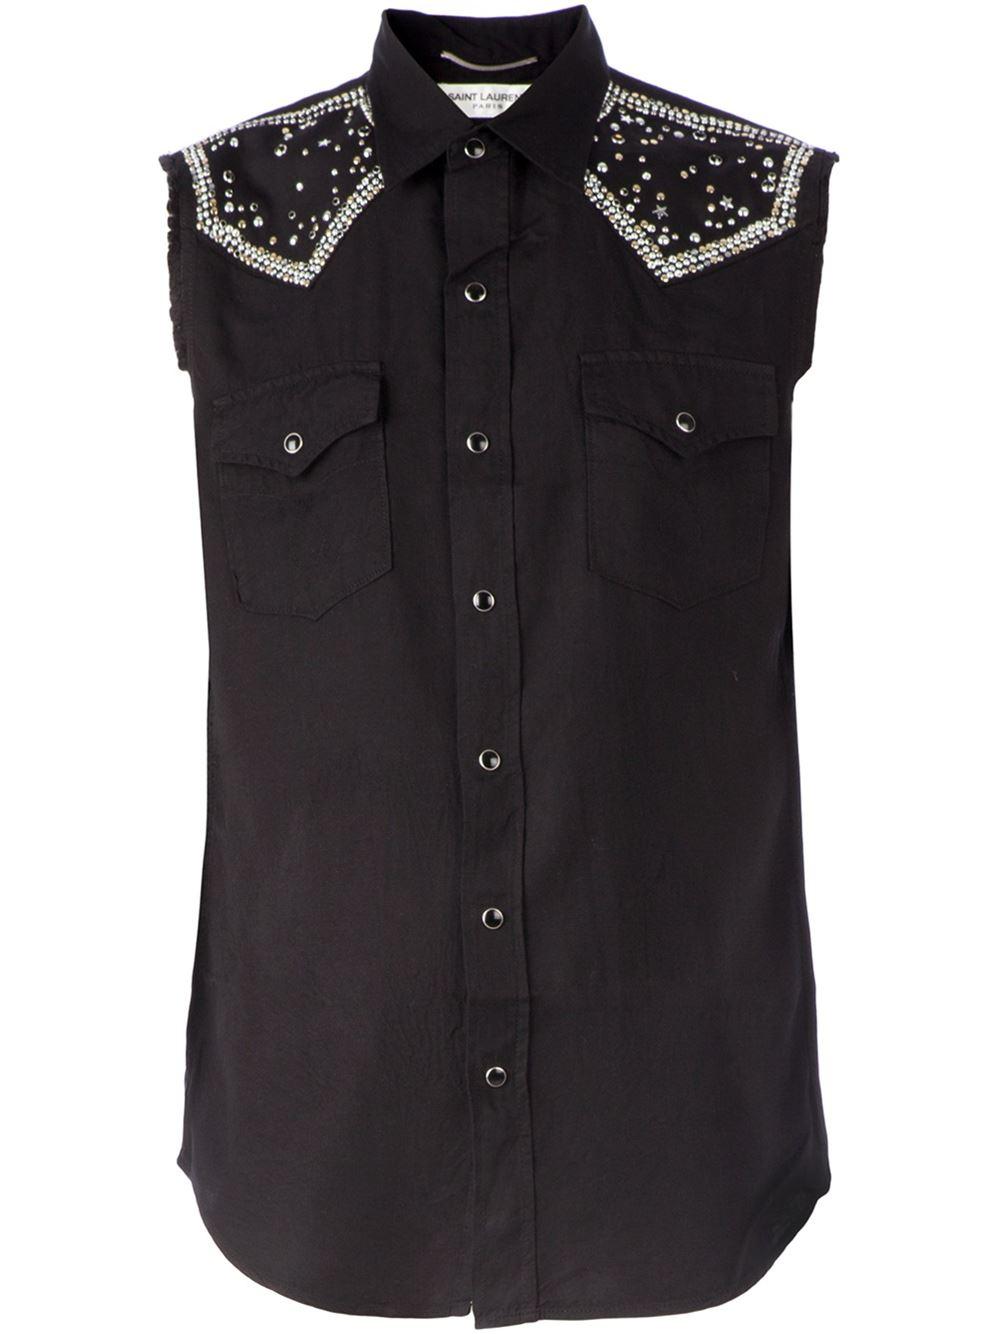 Saint Laurent Sleeveless Western Shirt In Black For Men Lyst